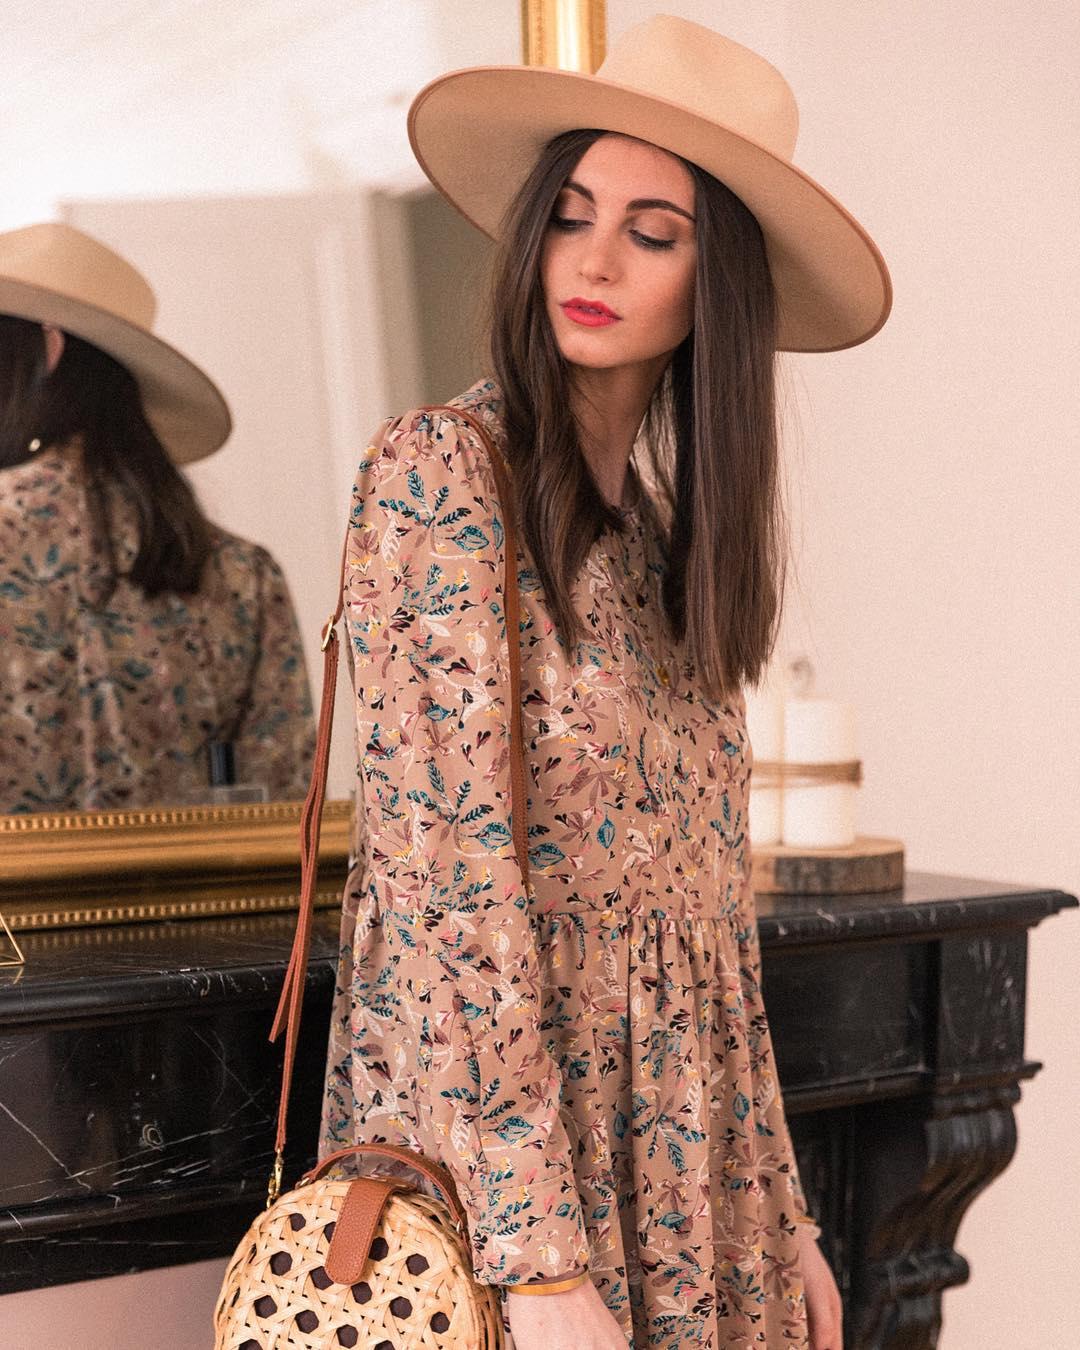 powdery floral dress de Les Bourgeoises sur stellaetsuzie